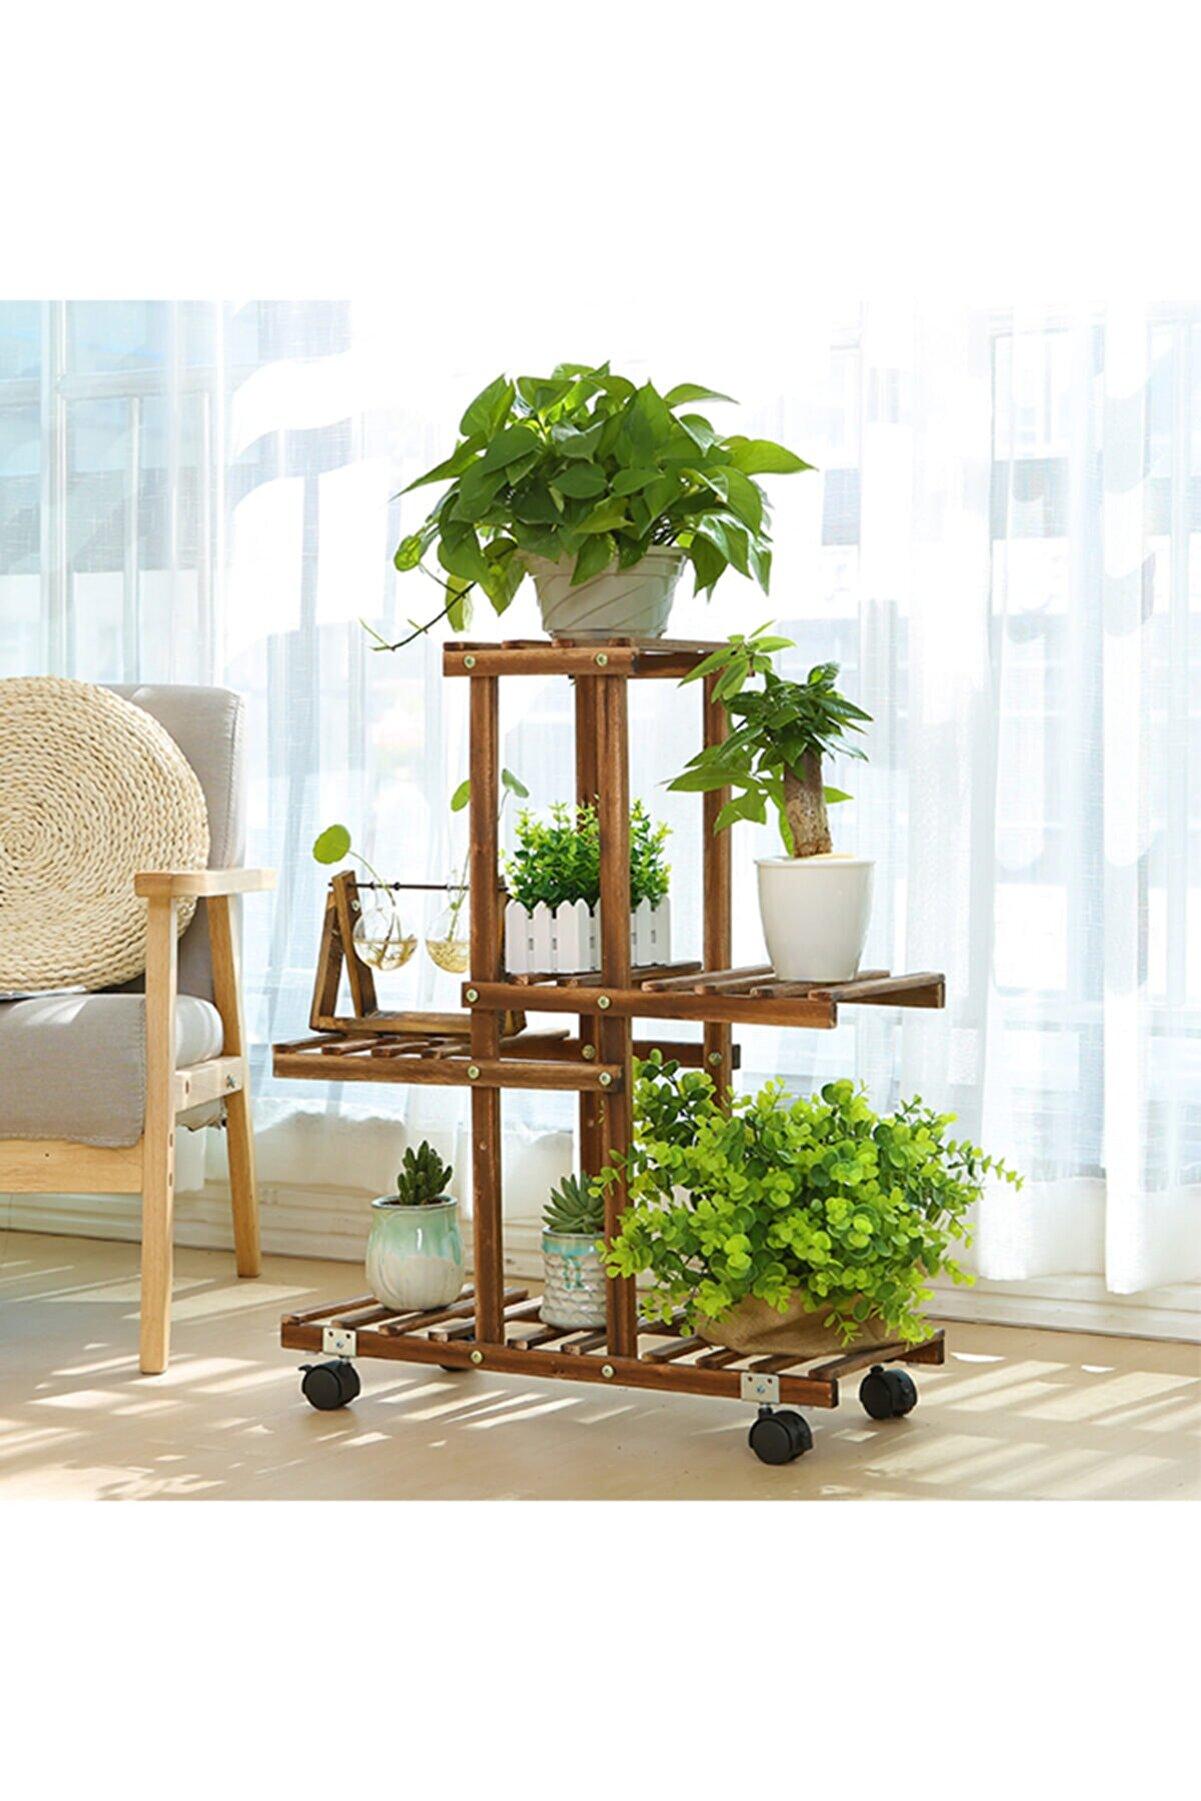 ENG AHŞAP Ahşap Çiçeklik Saksı Standı 4 Katlı Dekoratif Tekerlekli Çiçek Standı